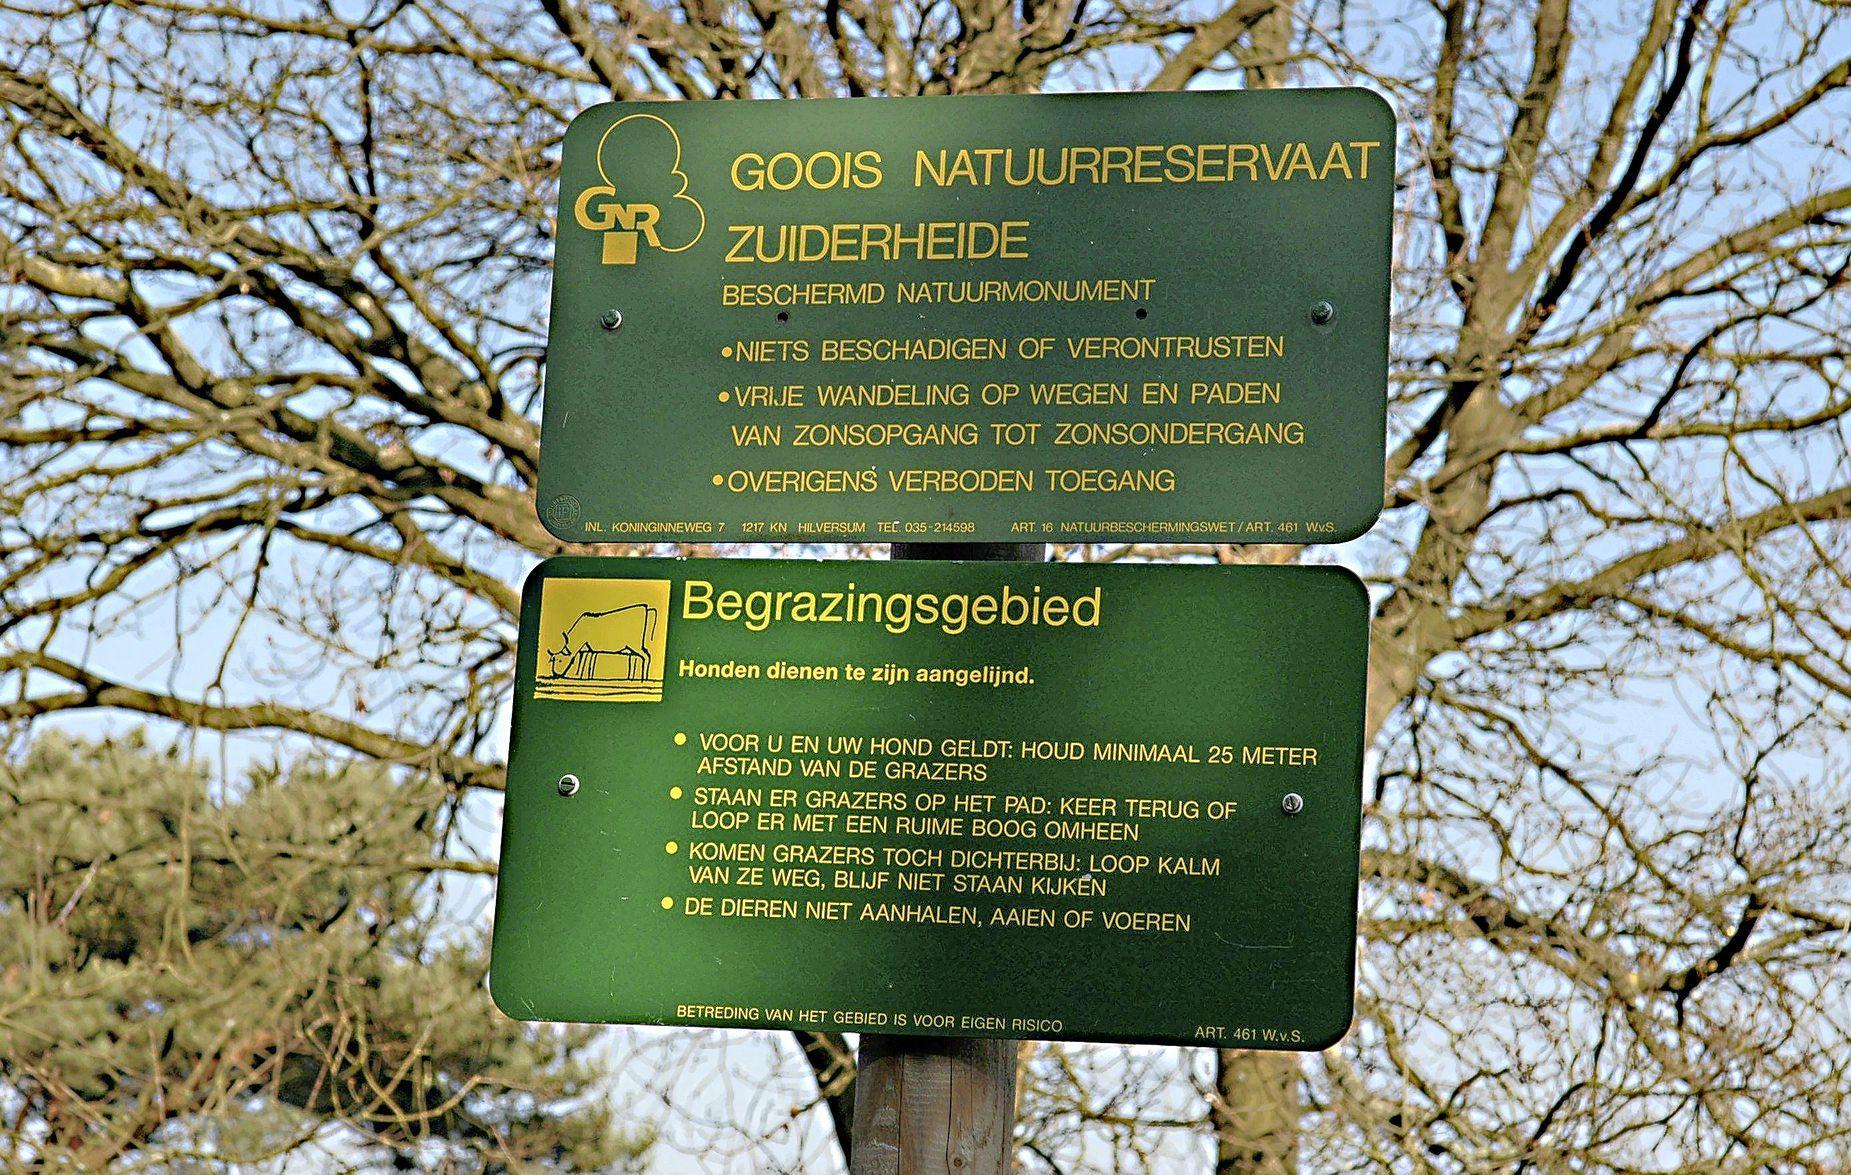 Amsterdam vertrekt uit GNR: 'Het voelt als een echtscheiding met maar 16 jaar alimentatie'